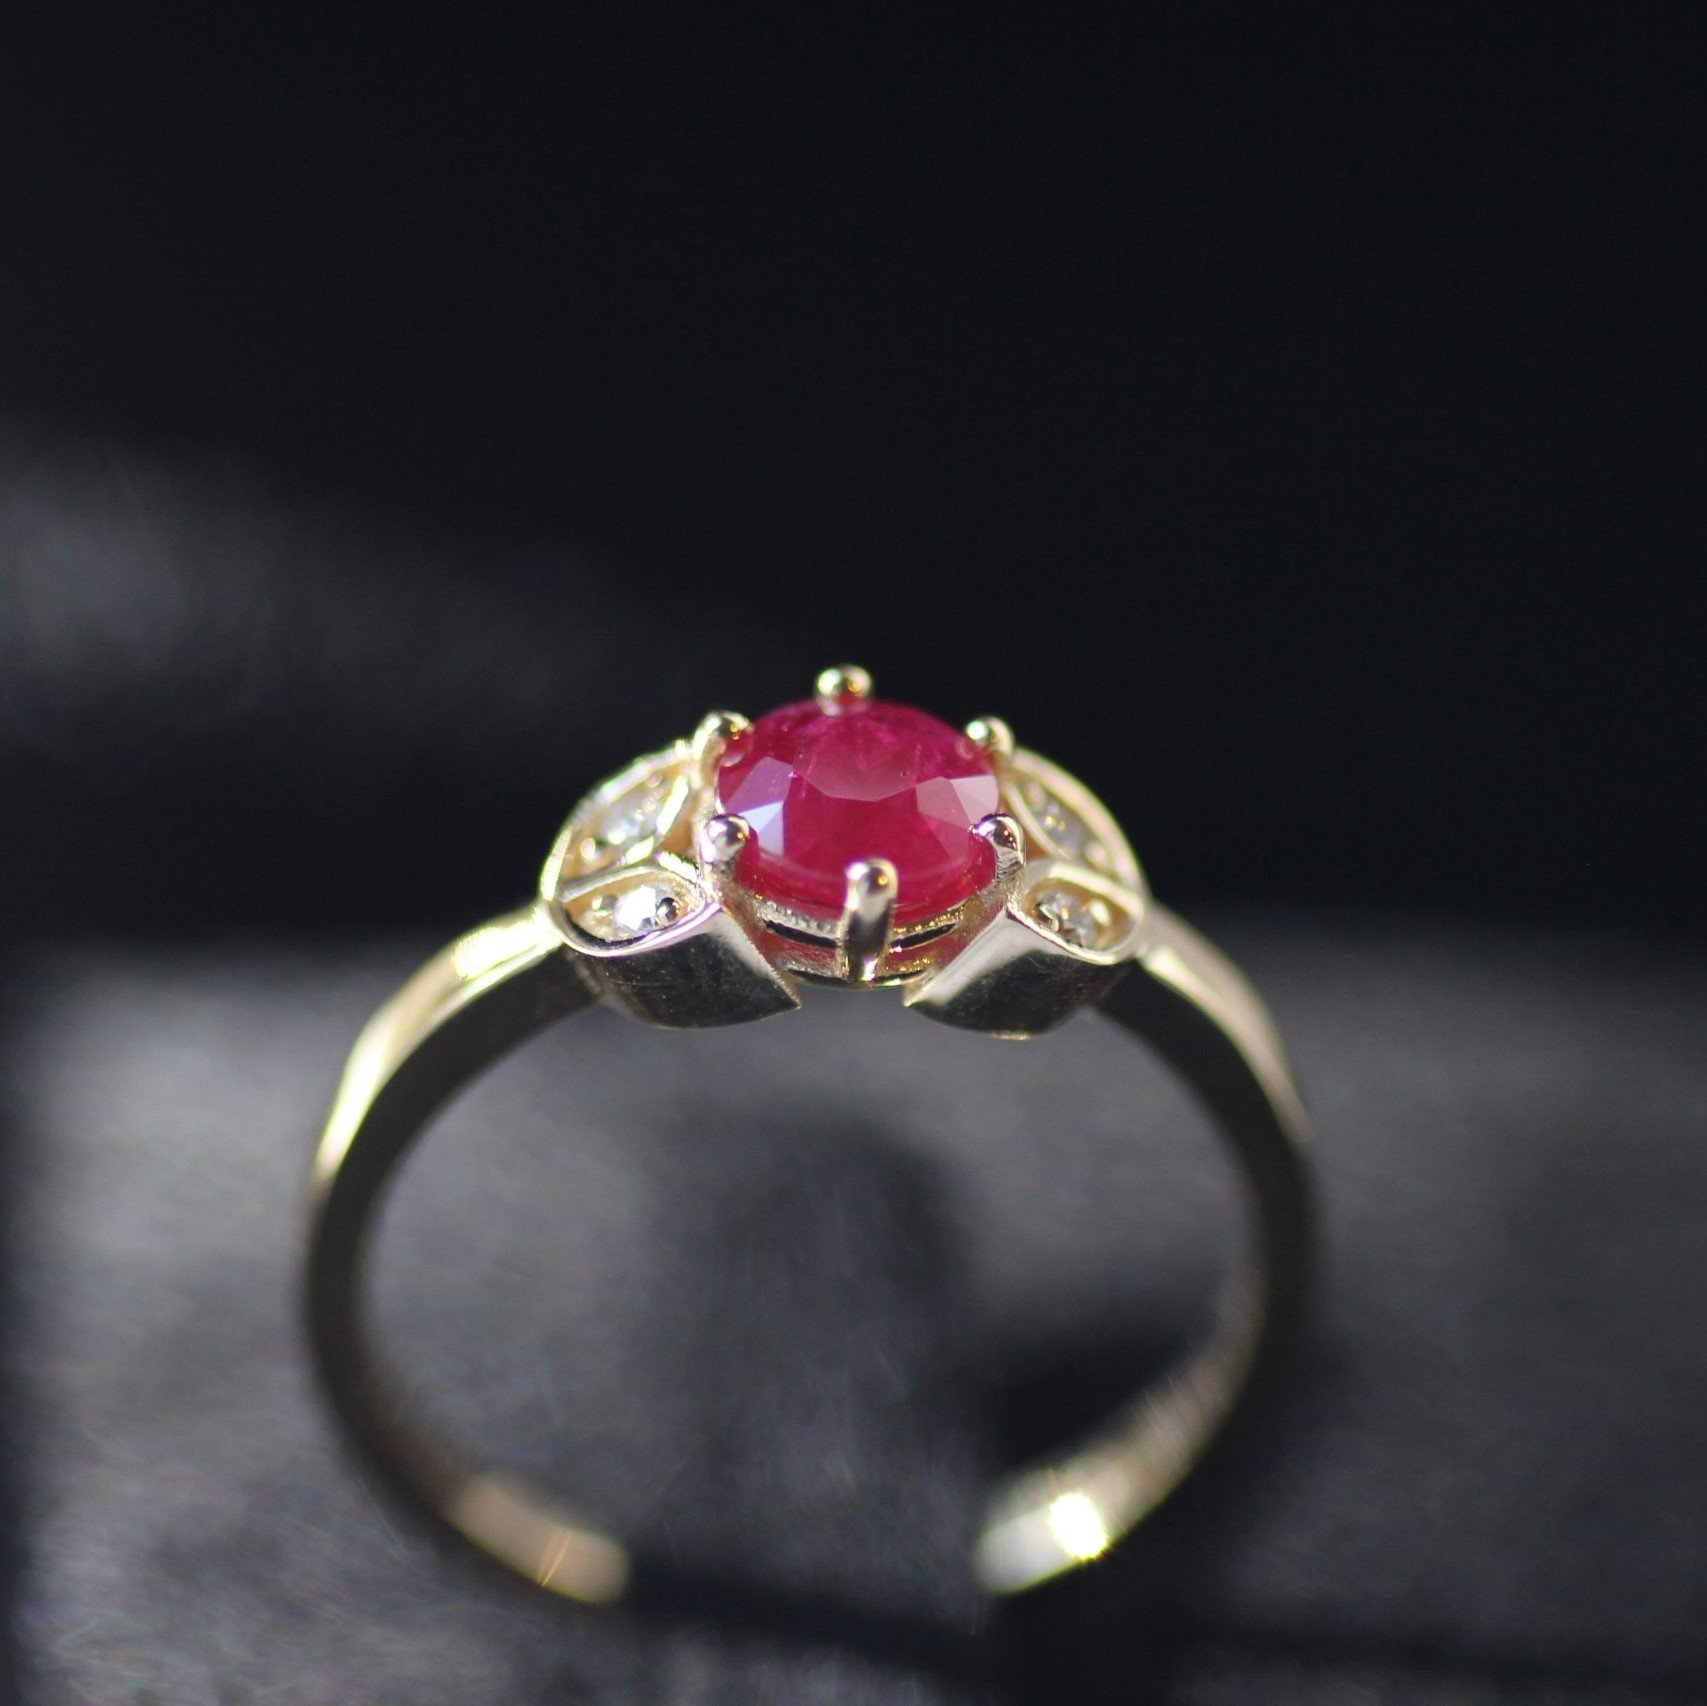 טבעת פלורי - טבעת עם אבן רובי